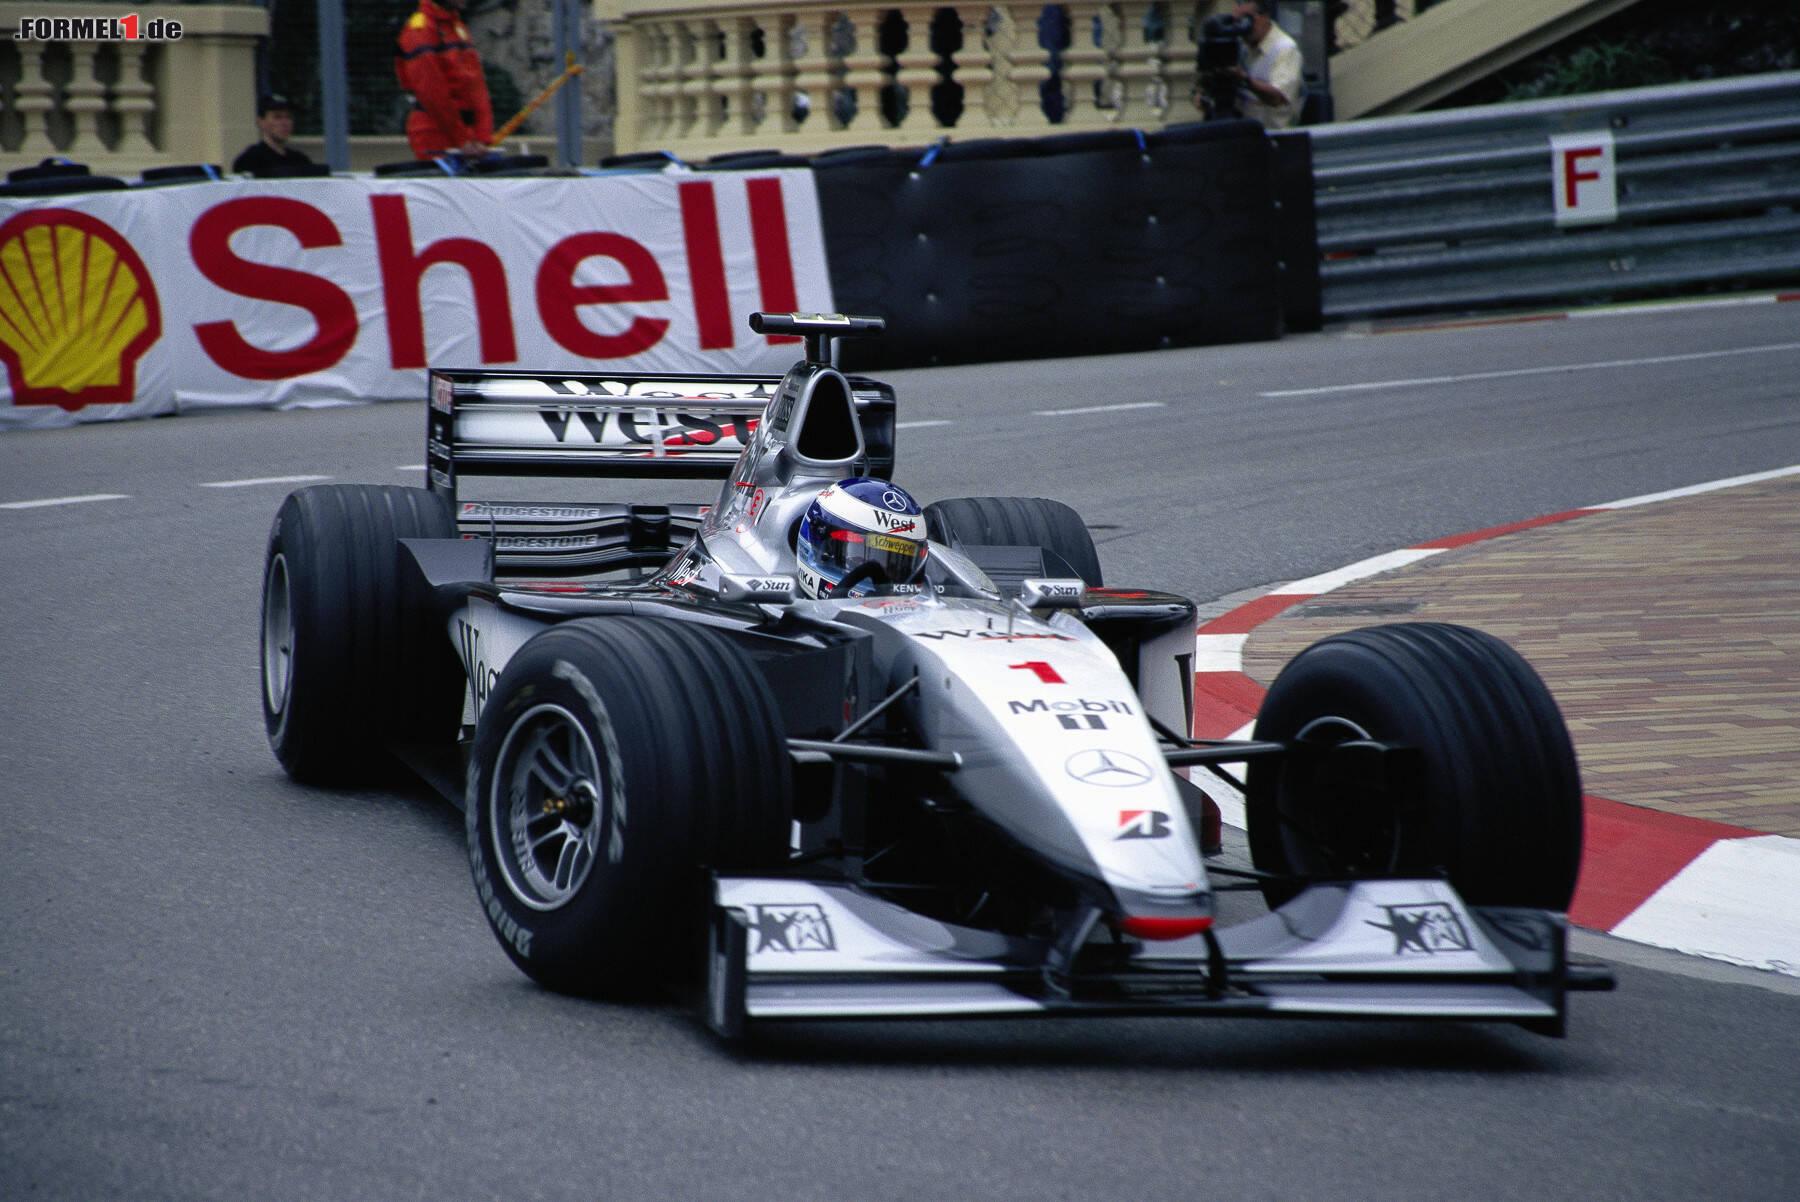 Formel 1 NГјrburgring 2019